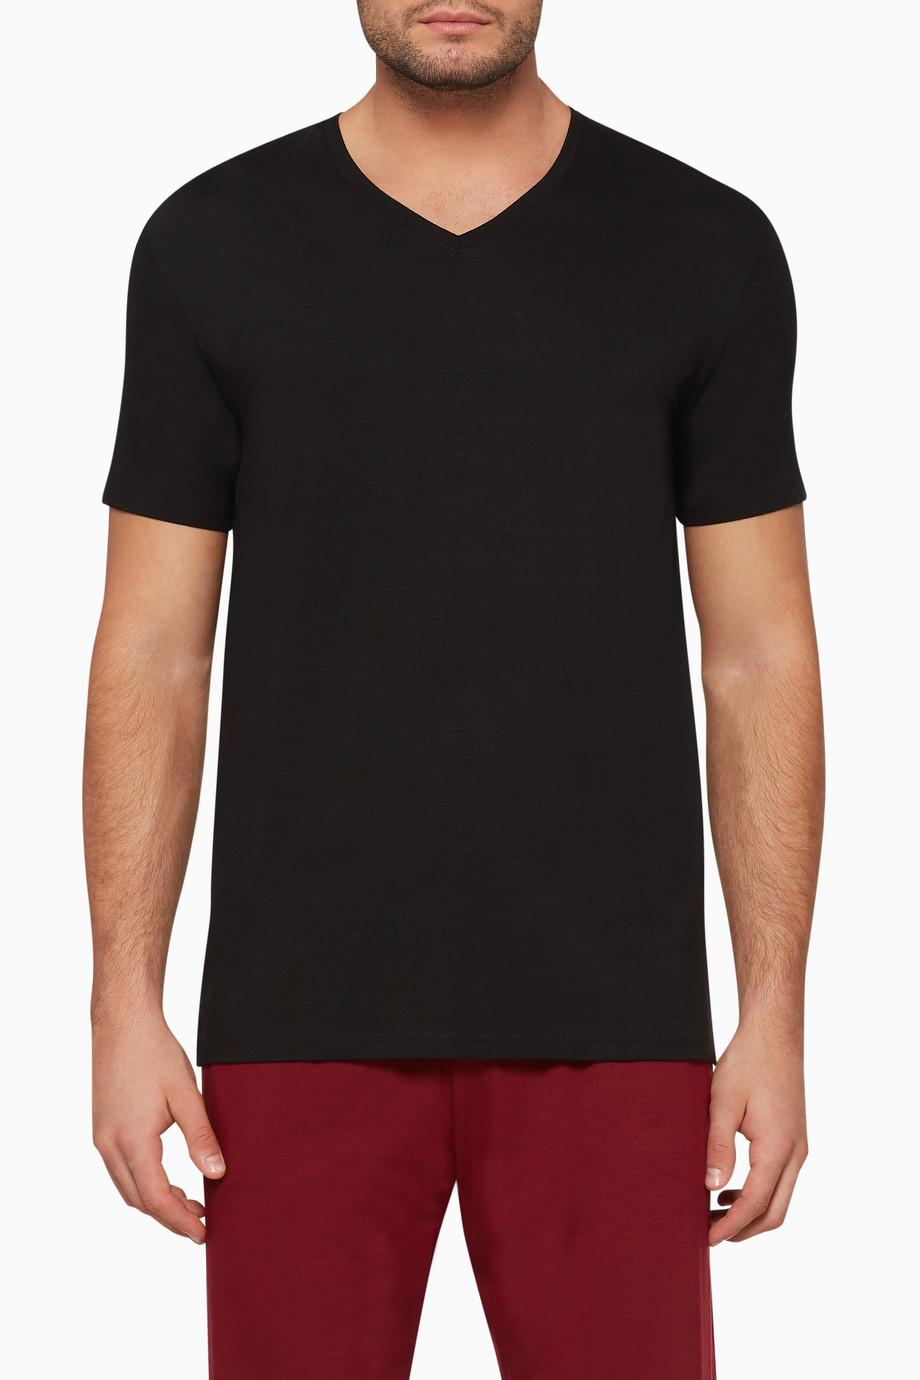 a50a6265dec7 Shop Derek Rose Black Basel Micro-Modal Stretch T-Shirt for Men | Ounass